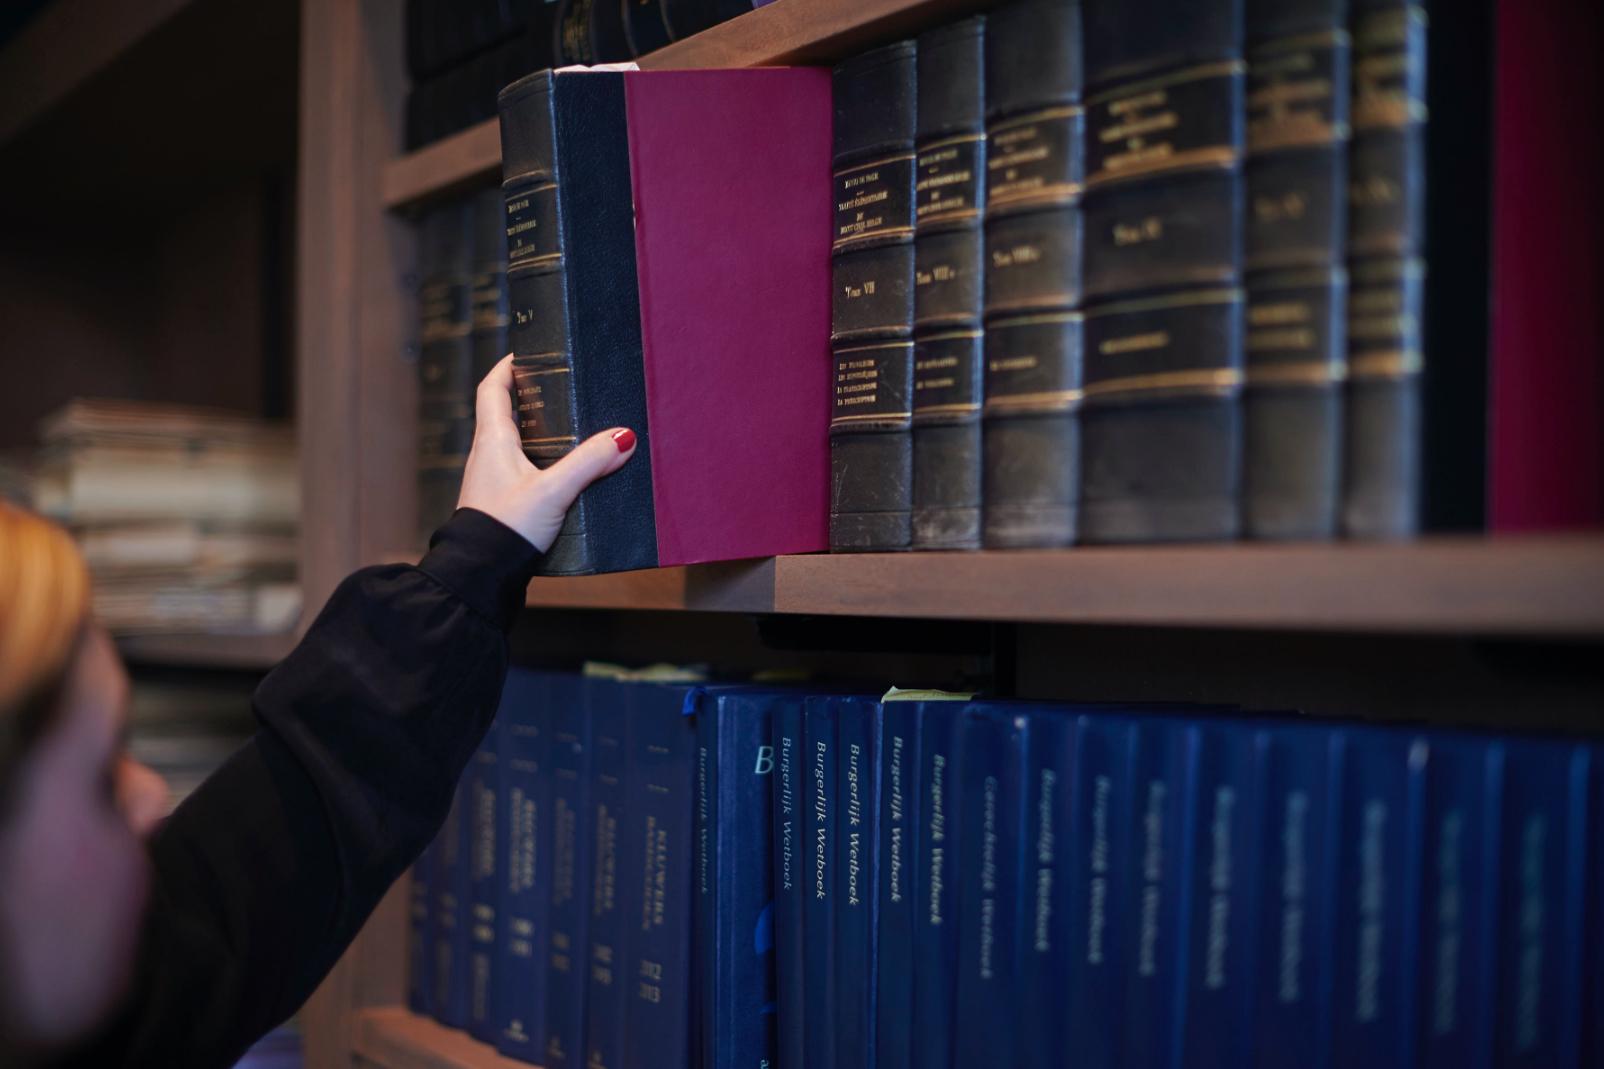 Bibliotheek Dewever & Van de Velde